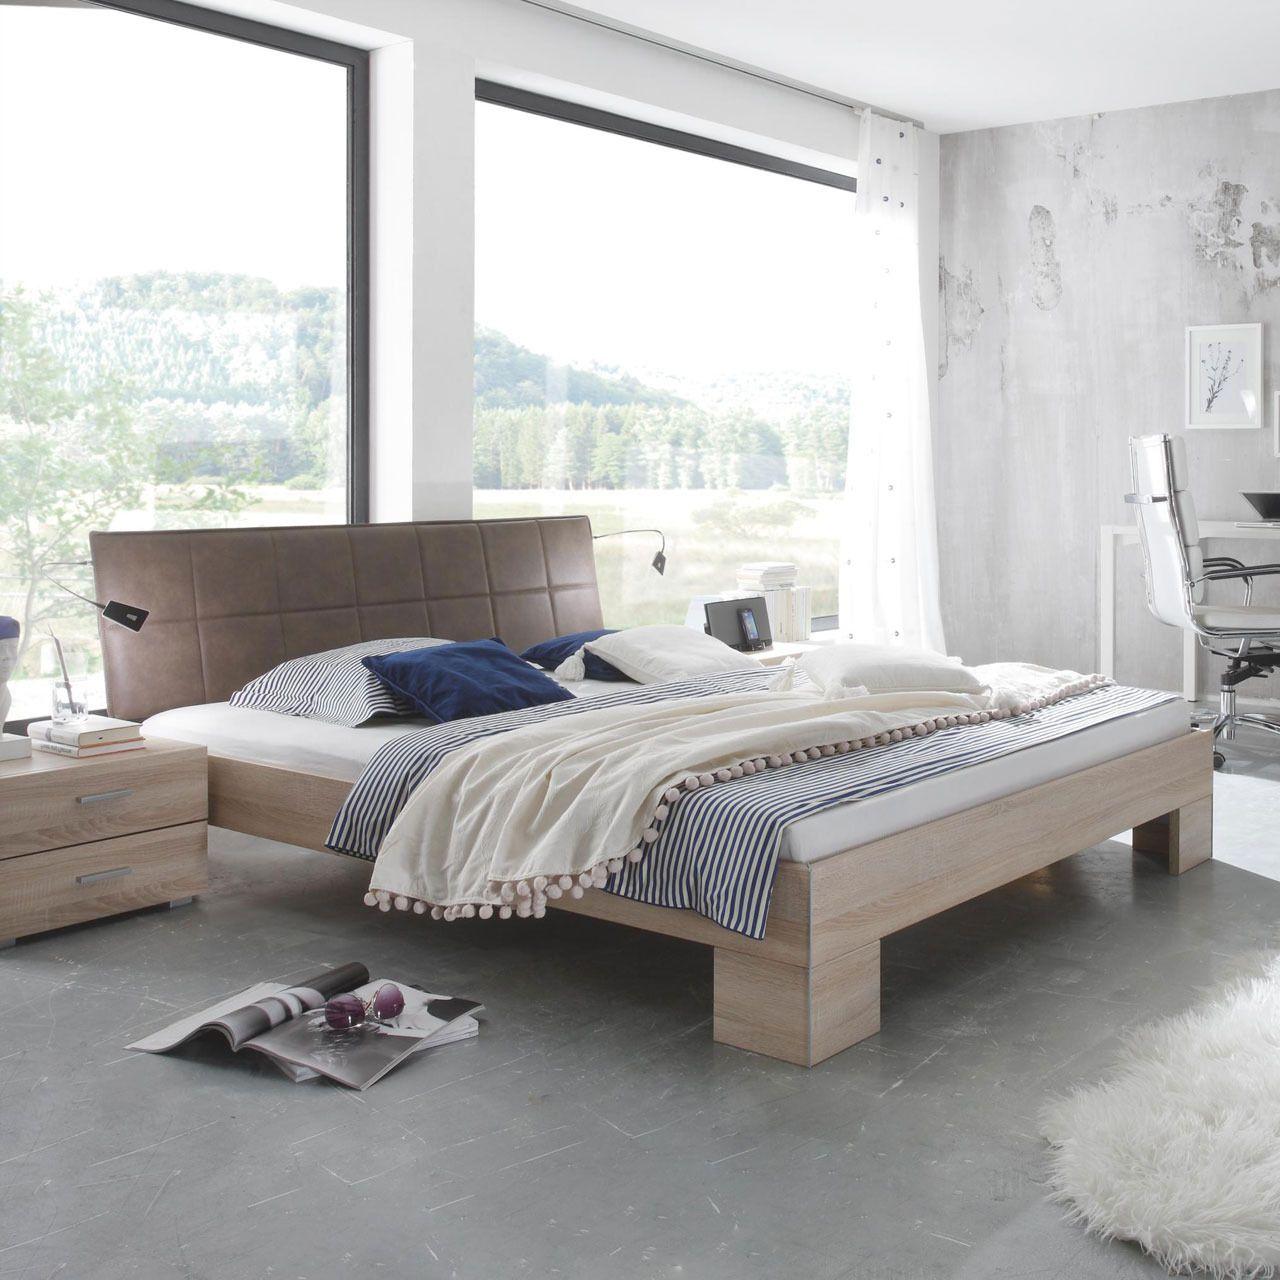 Hasena FactoryChic Bett Bloxx Bett modern, Bett ideen